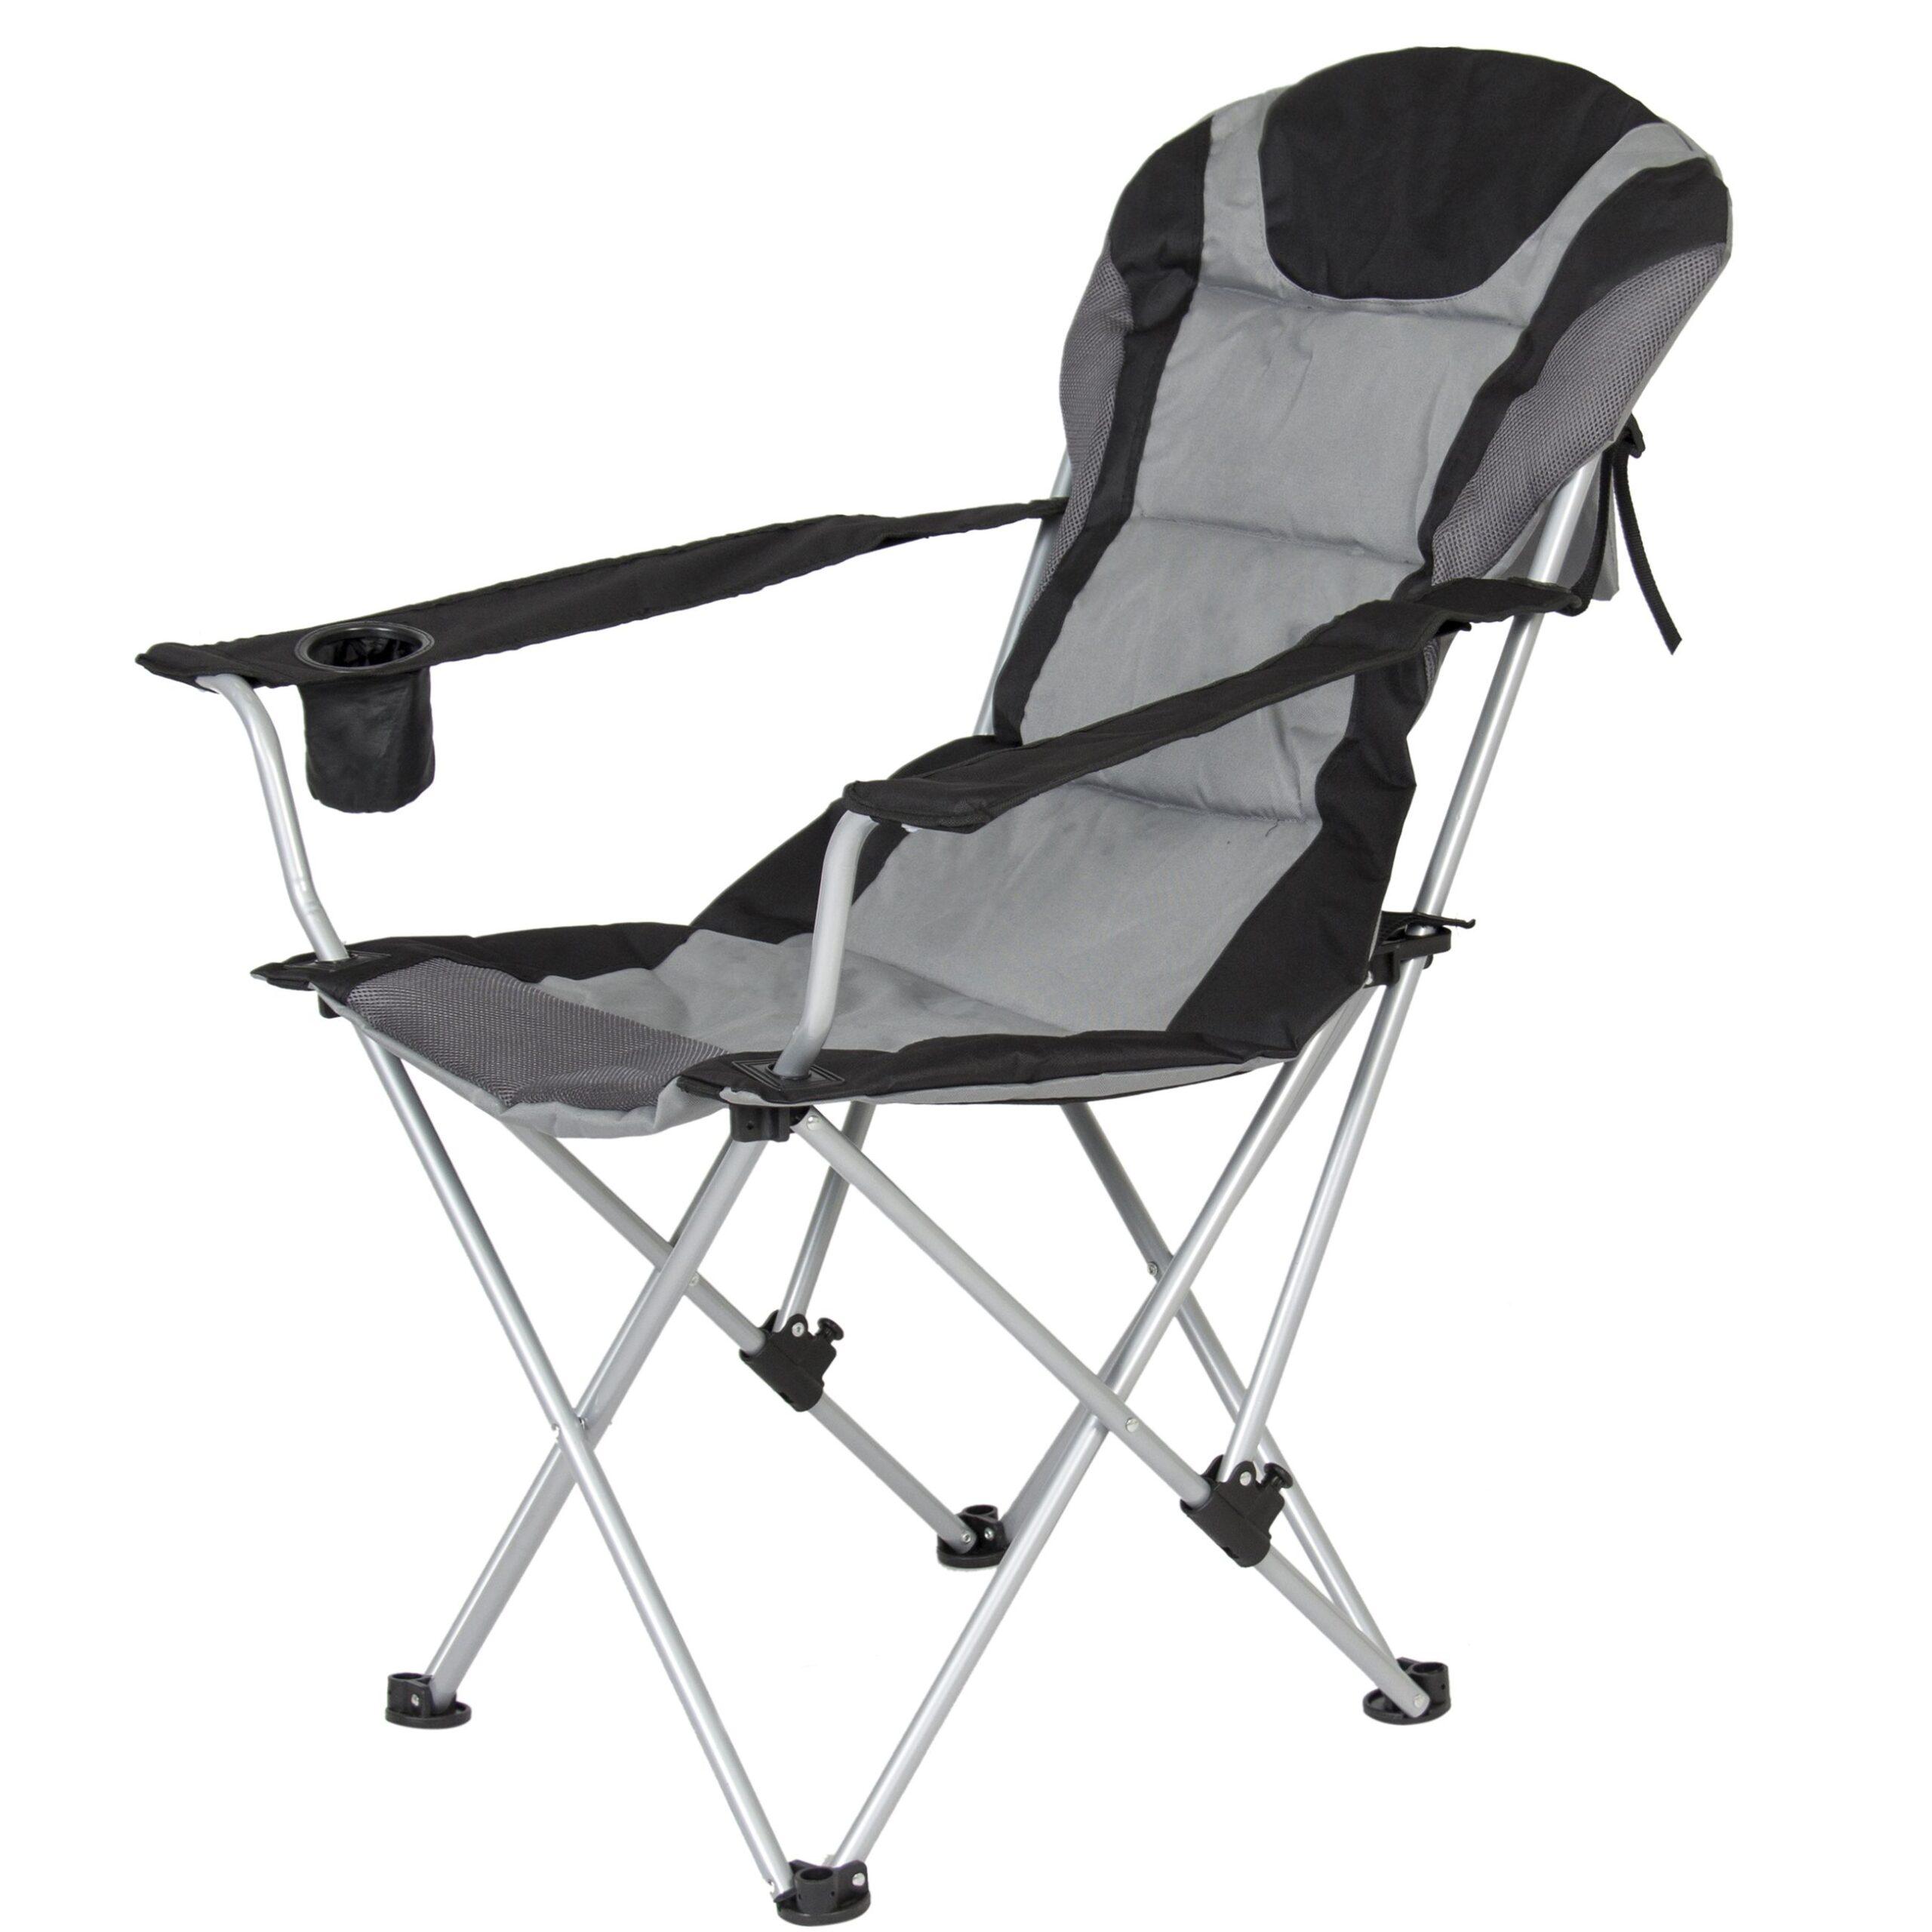 Full Size of Wohnzimmer Liegestuhl Designer Ikea Relax Camping Lounge Chair Holen Sie Sich Eine Relaxliege Garten Gardine Heizkörper Led Deckenleuchte Schrankwand Großes Wohnzimmer Wohnzimmer Liegestuhl